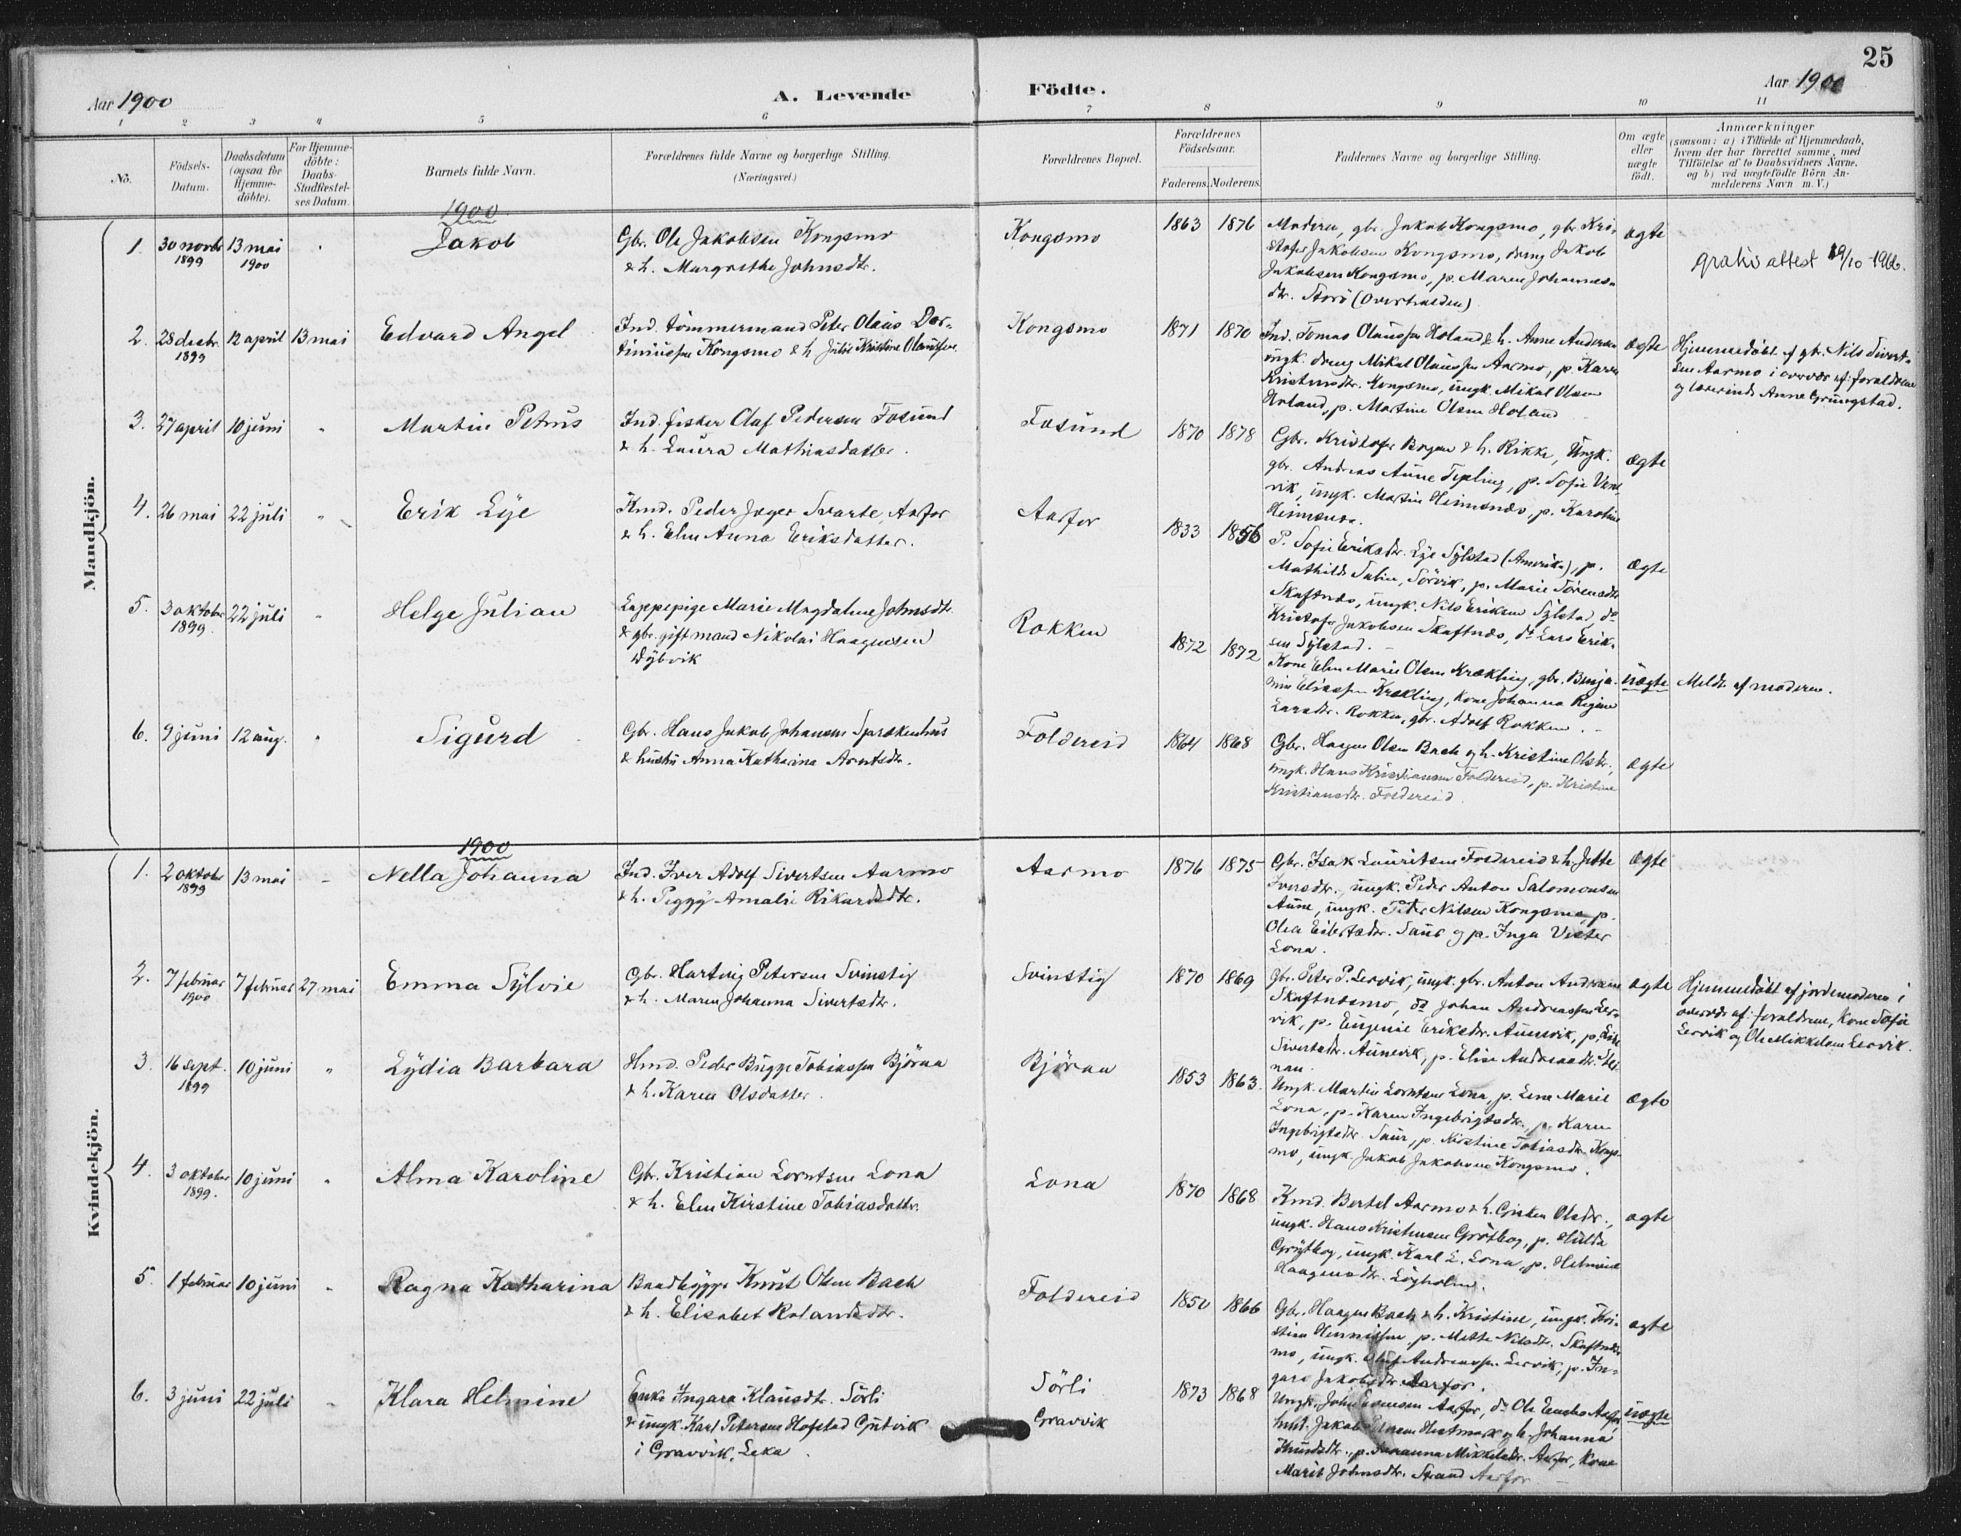 SAT, Ministerialprotokoller, klokkerbøker og fødselsregistre - Nord-Trøndelag, 783/L0660: Ministerialbok nr. 783A02, 1886-1918, s. 25